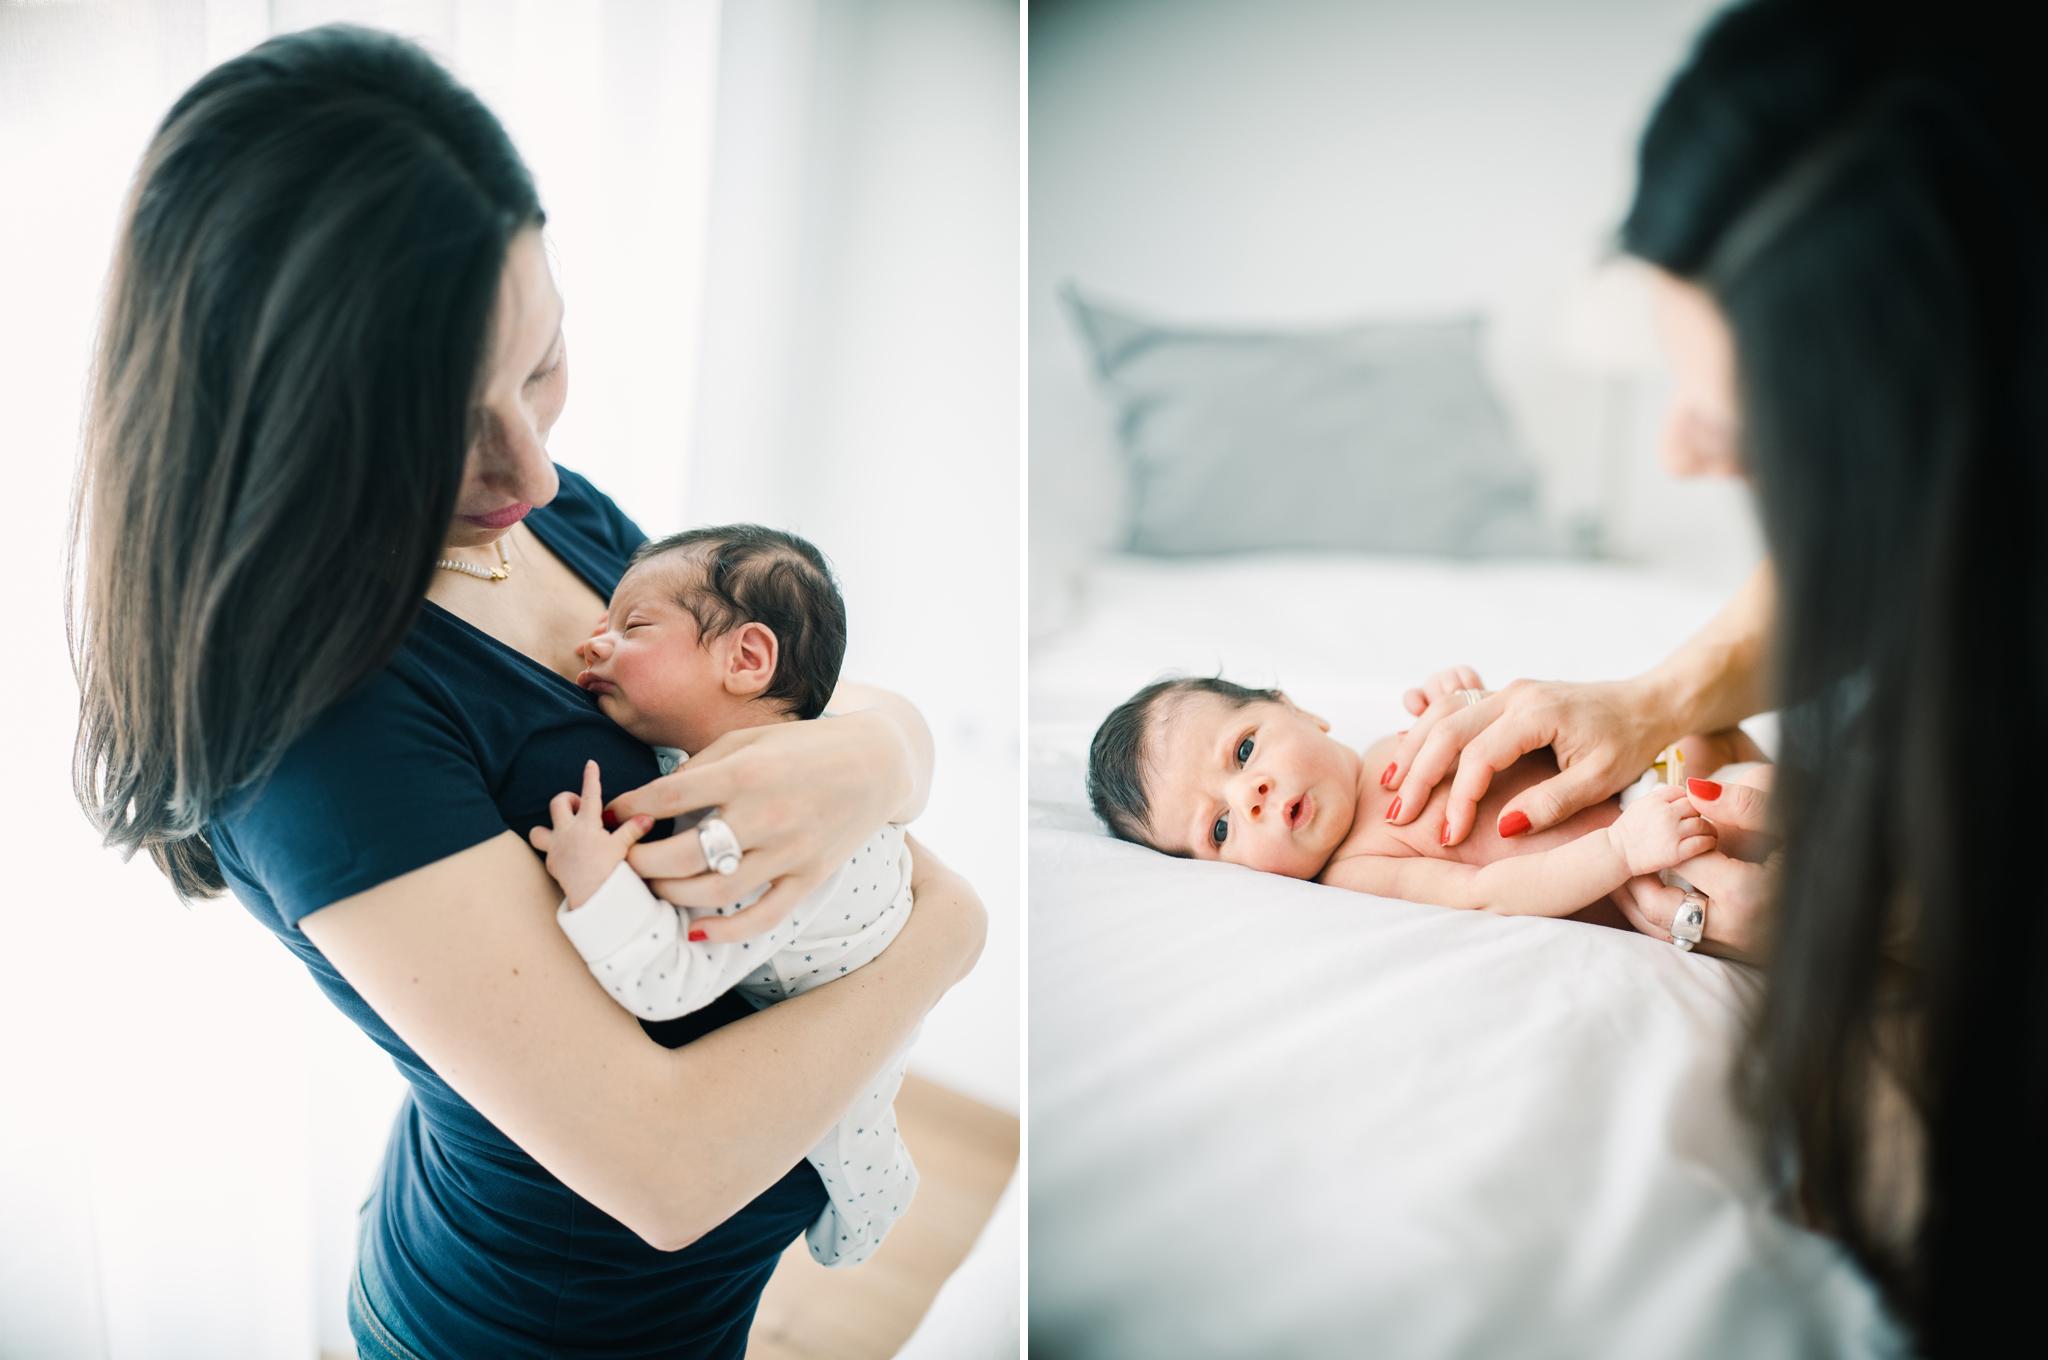 fotografia newborn0005.jpg